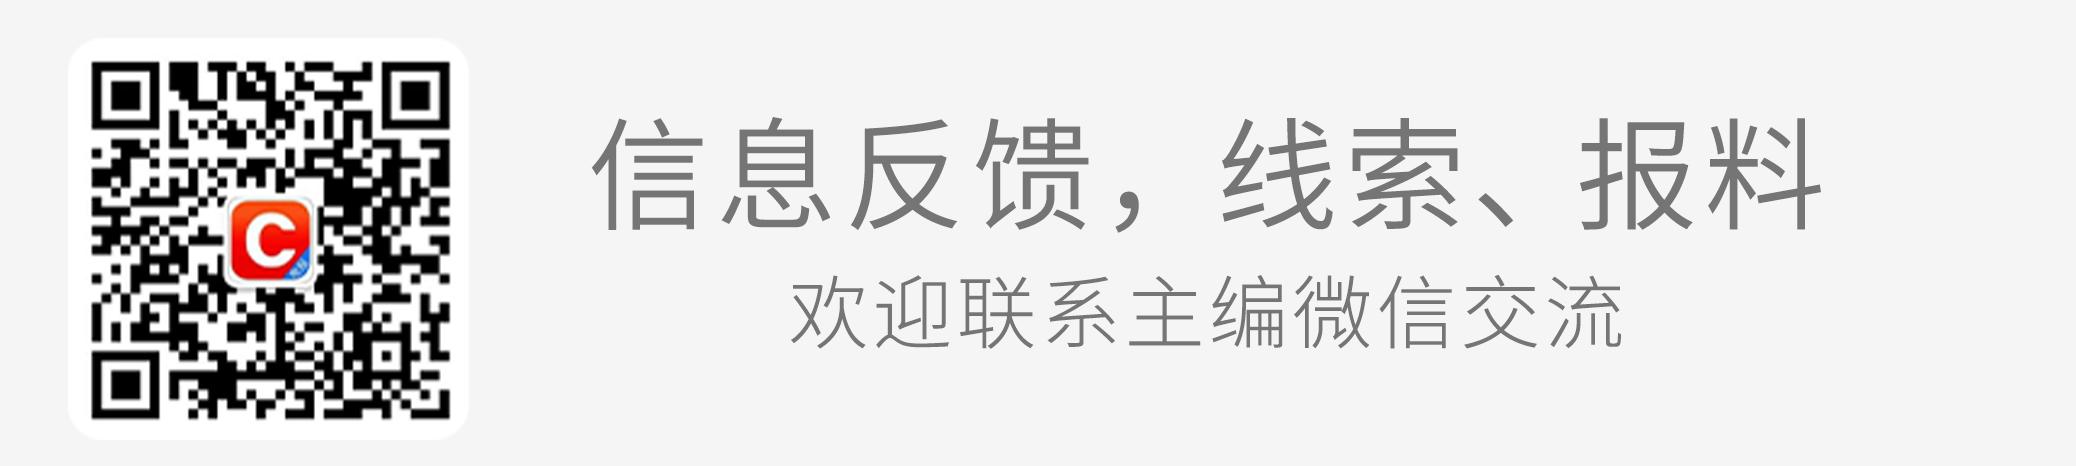 财联社保险早会(7月8日)